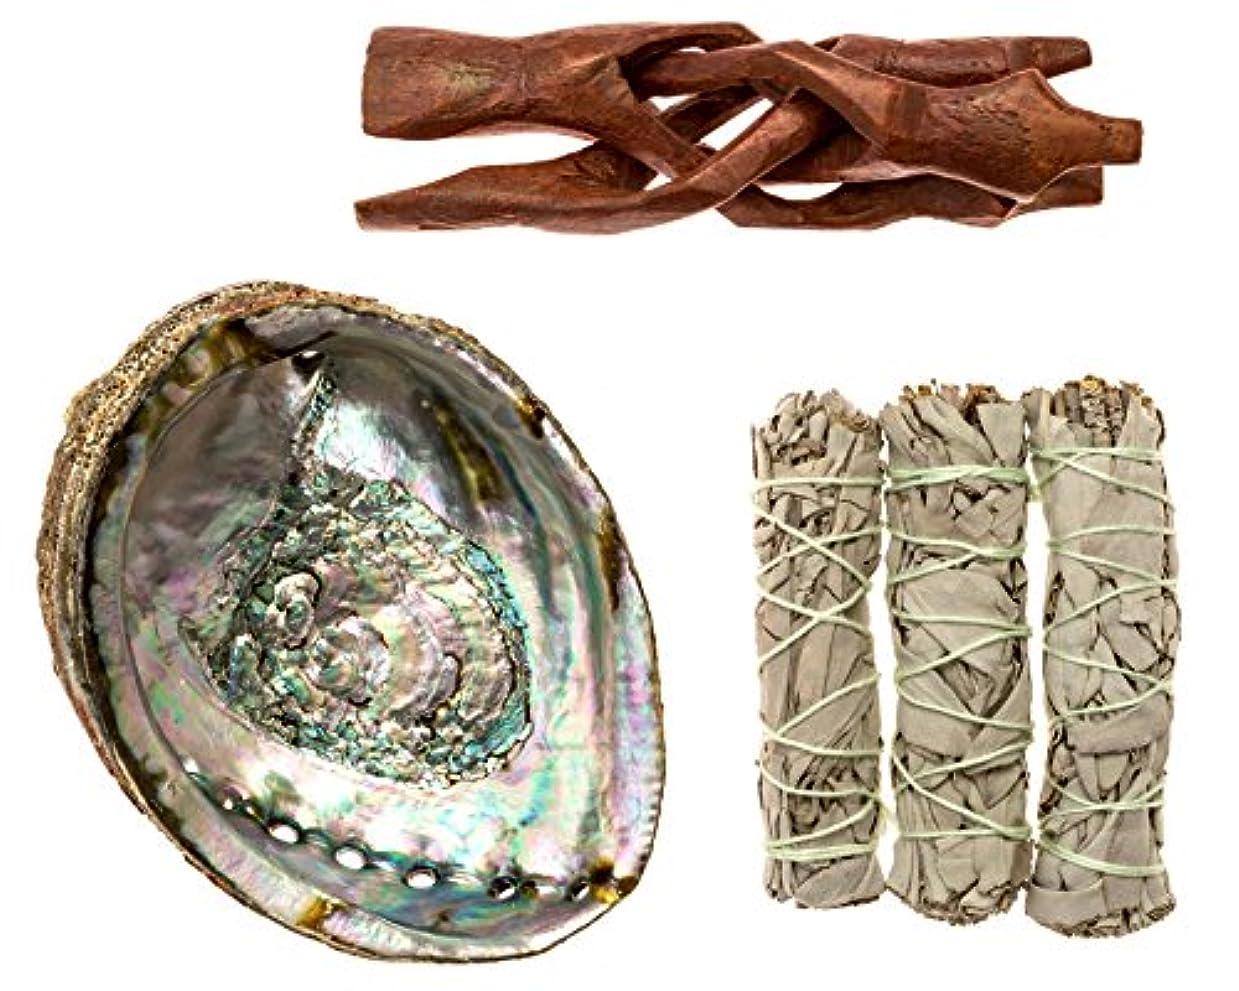 盆地羊の服を着た狼矛盾Premium Abalone Shell with木製三脚スタンドと3カリフォルニアホワイトセージスマッジSticks for Incense燃焼、Home Fragrance、エネルギーClearing、ヨガ、瞑想。...